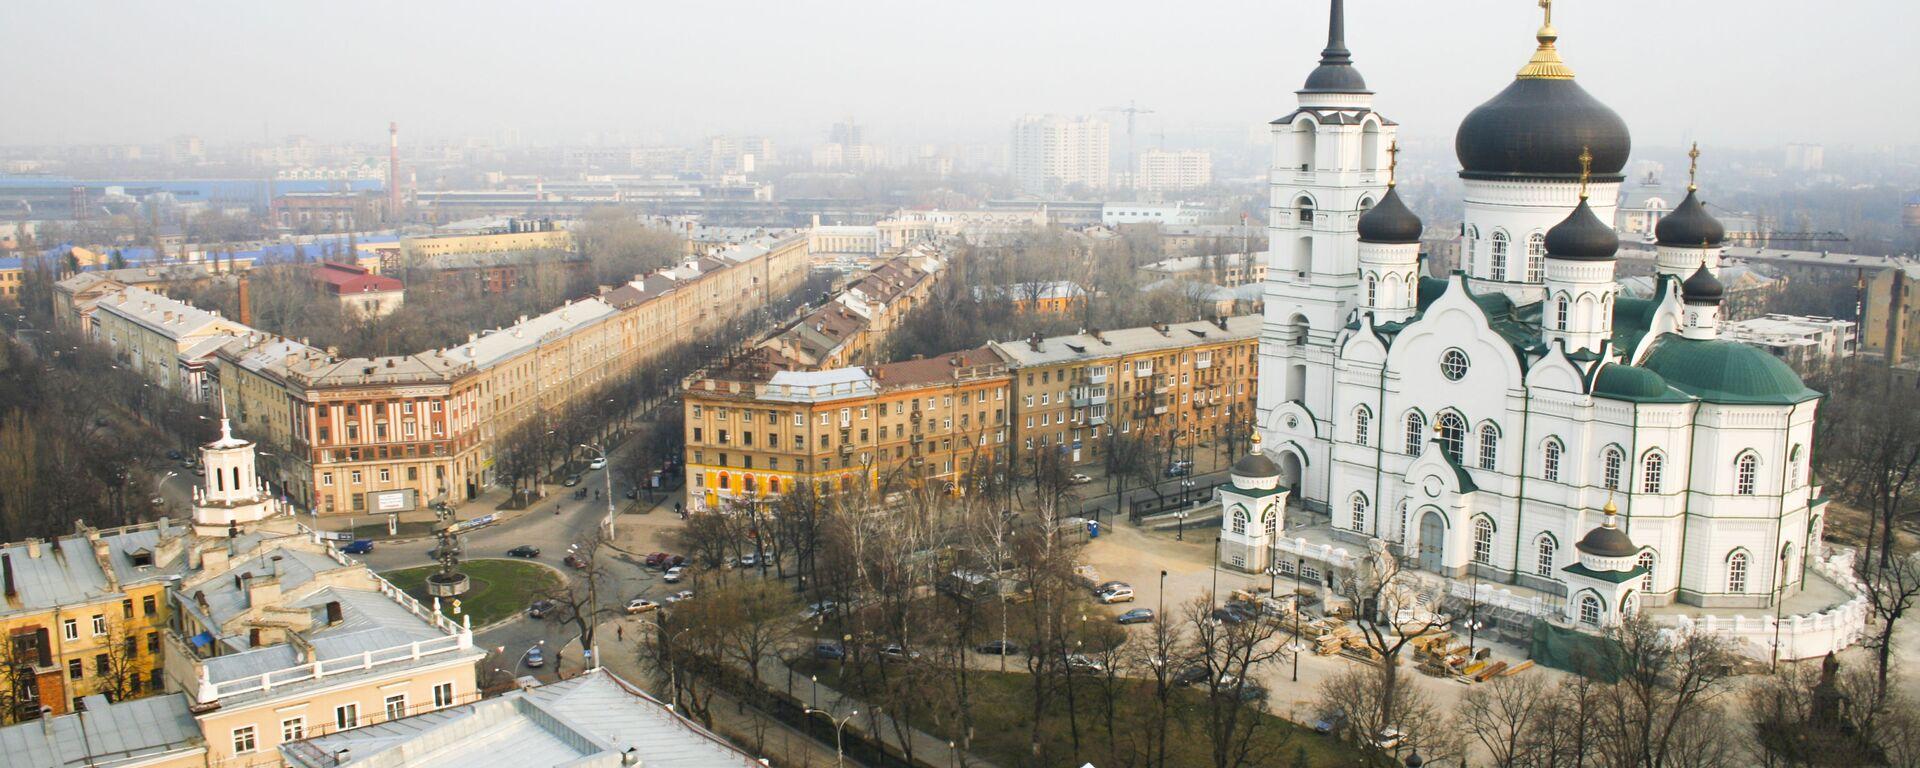 Výhled na ruské město Voroněž - Sputnik Česká republika, 1920, 16.09.2021